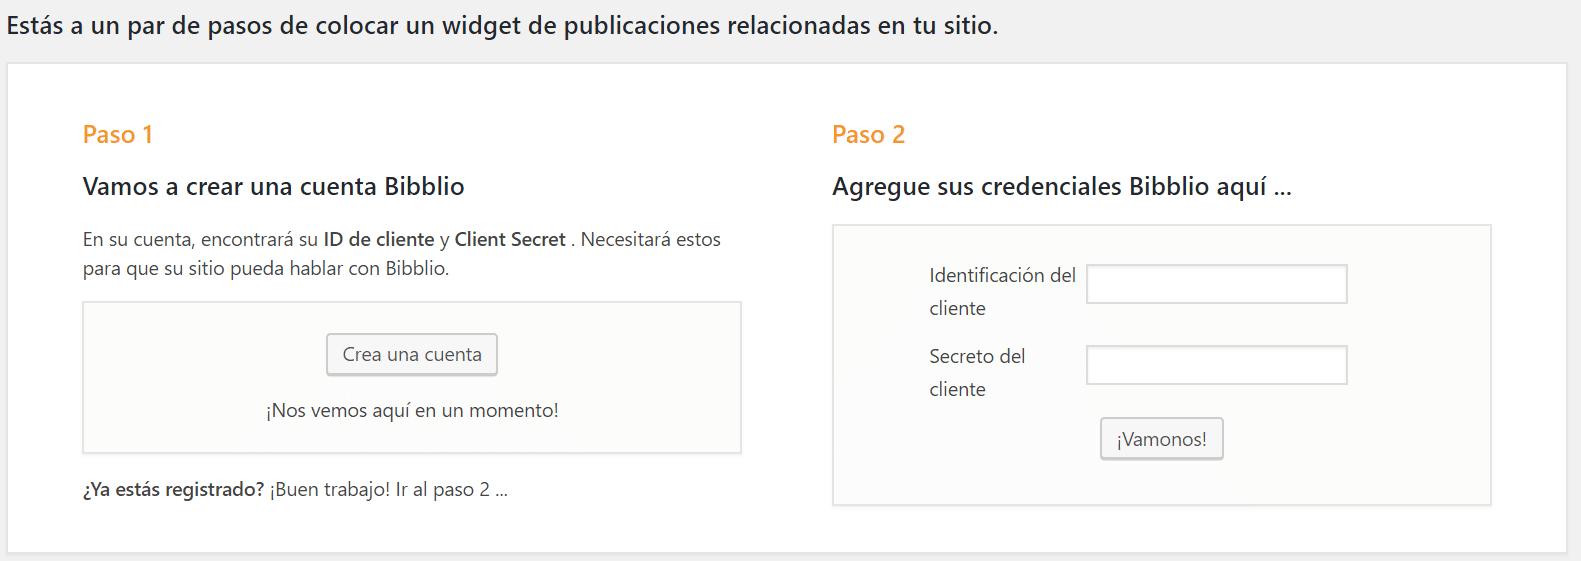 articulos-relacionados-bibblio-1